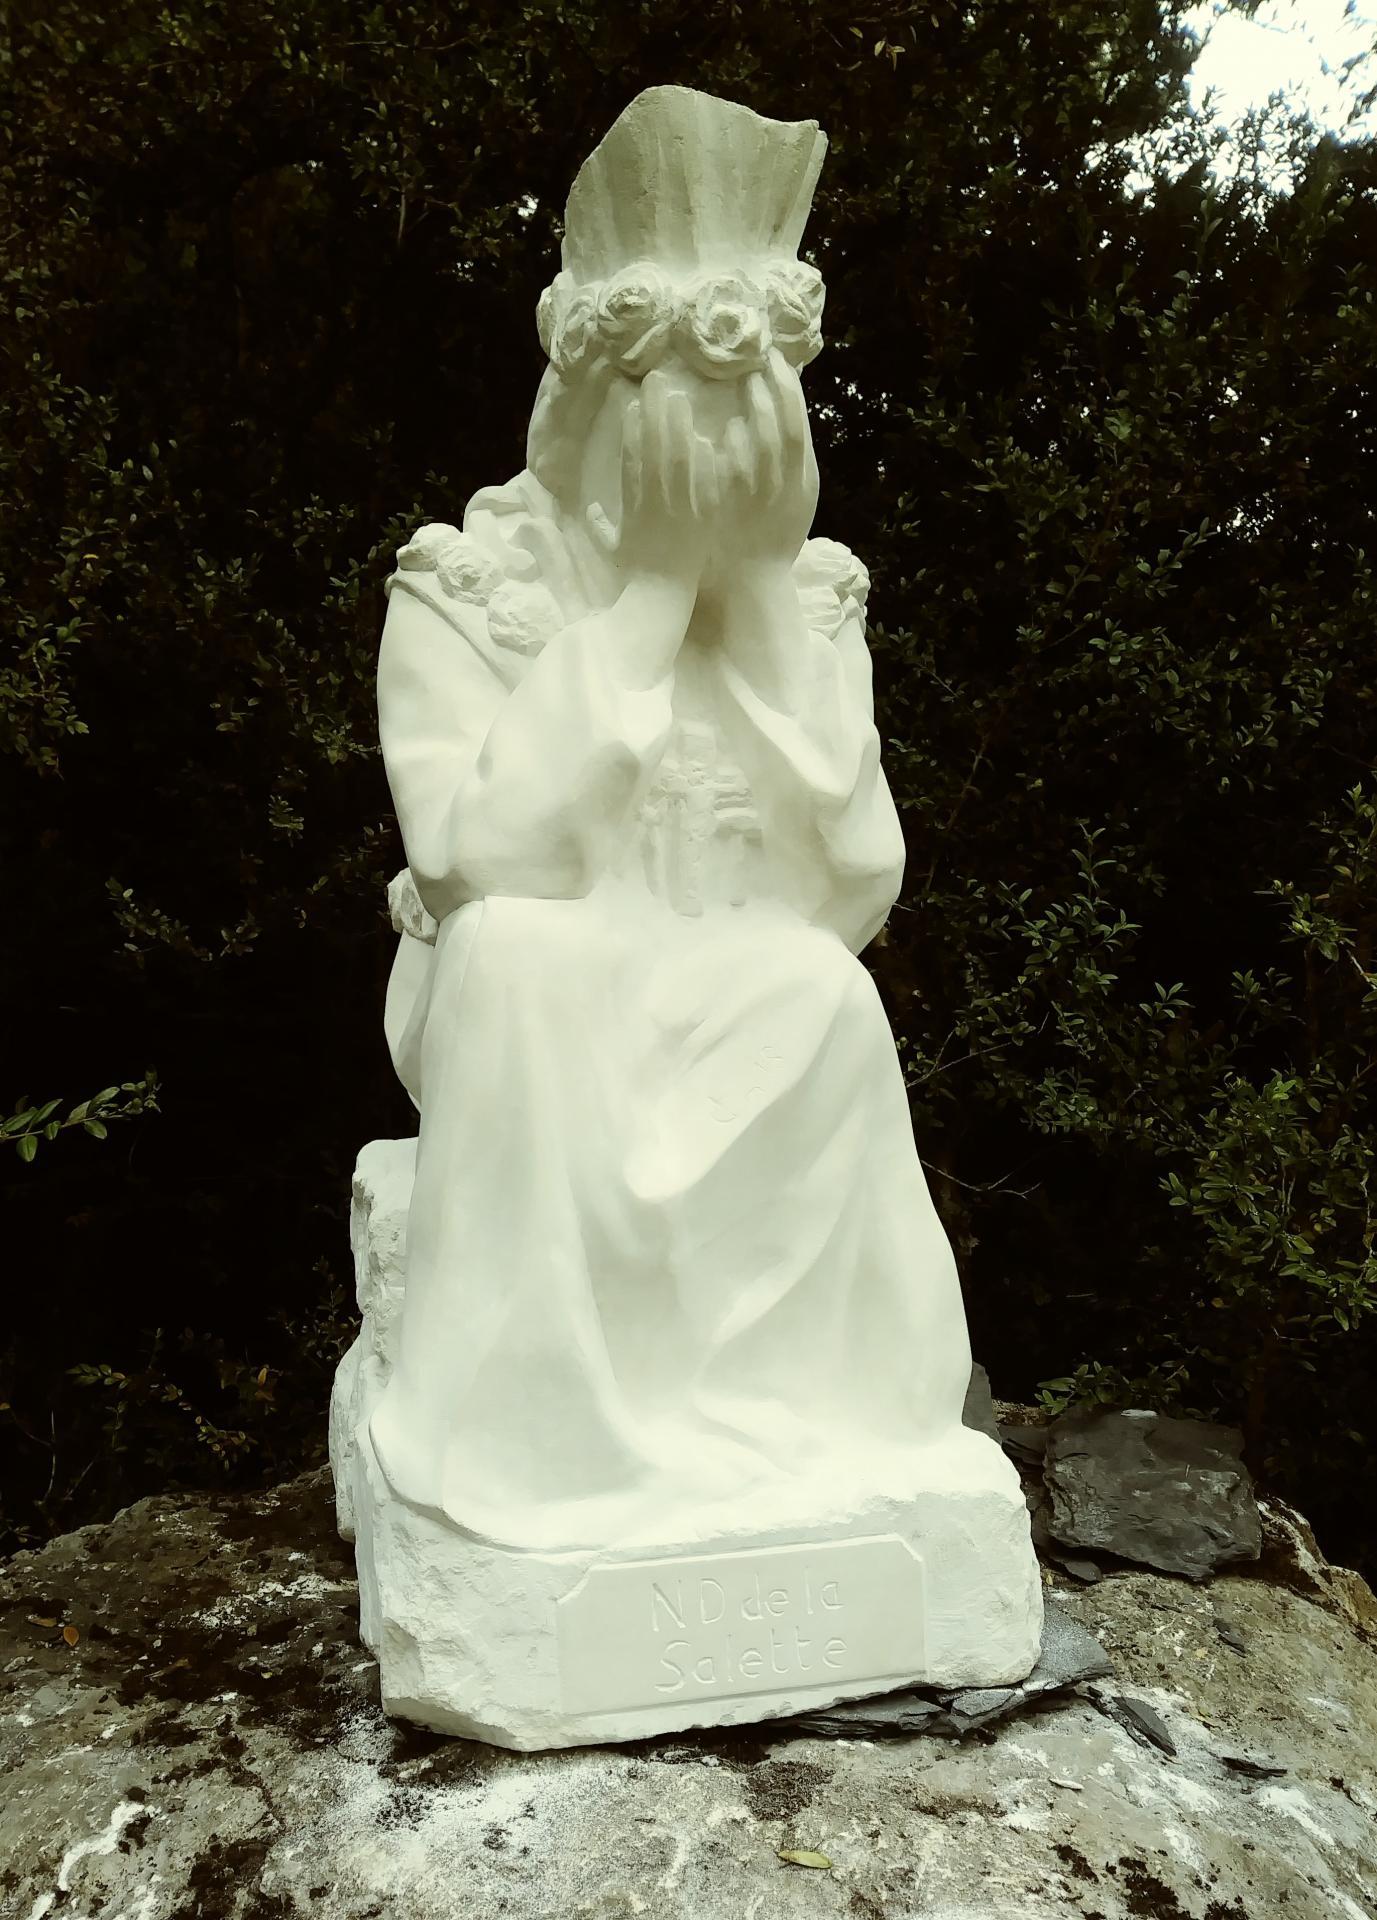 Notre dame de la salette sculpture en pierre de jean joseph chevalier 1